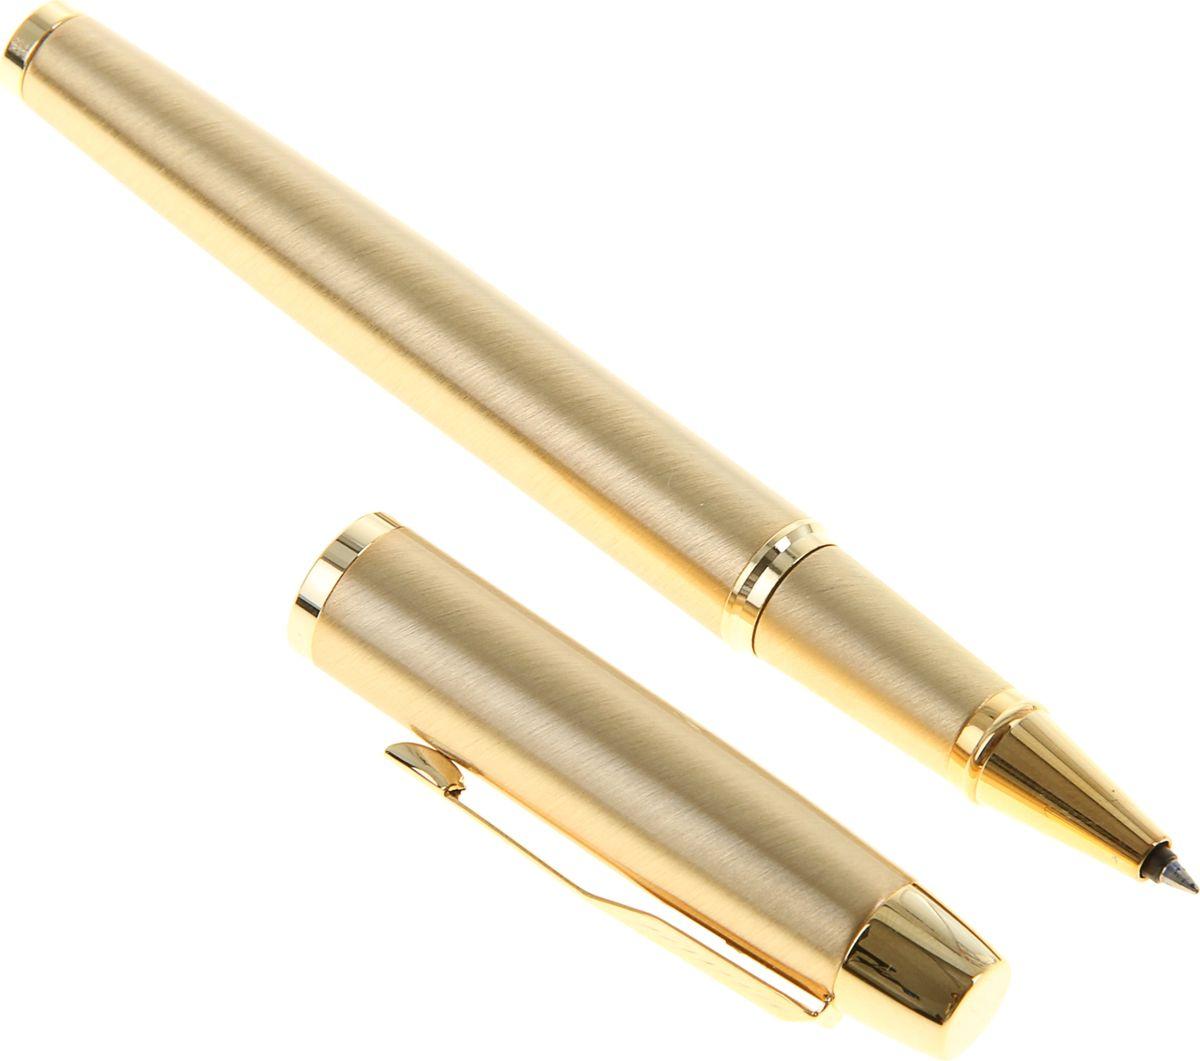 Parker Ручка-роллер IM Metal Brushed Metal Gold GT черная7710899Parker — классика с современным оттенком. Этот культовый бренд отличается неугасаемым стремлением к совершенству. Уже на протяжении столетия он имеет отличную репутацию и ассоциируется с канцелярскими изделиями исключительно высокого качества, подчеркивая тем самым верность традициям, надежность, элегантность, стиль и желание привносить новое в свои образцы. Ручка-роллер Parker IM Metal Brushed Metal Gold GT — сочетание неповторимого дизайна и прекрасного исполнения. Этот аксессуар станет элитным и статусным презентом для коллег, друзей, а также настоящим украшением любого рабочего стола.